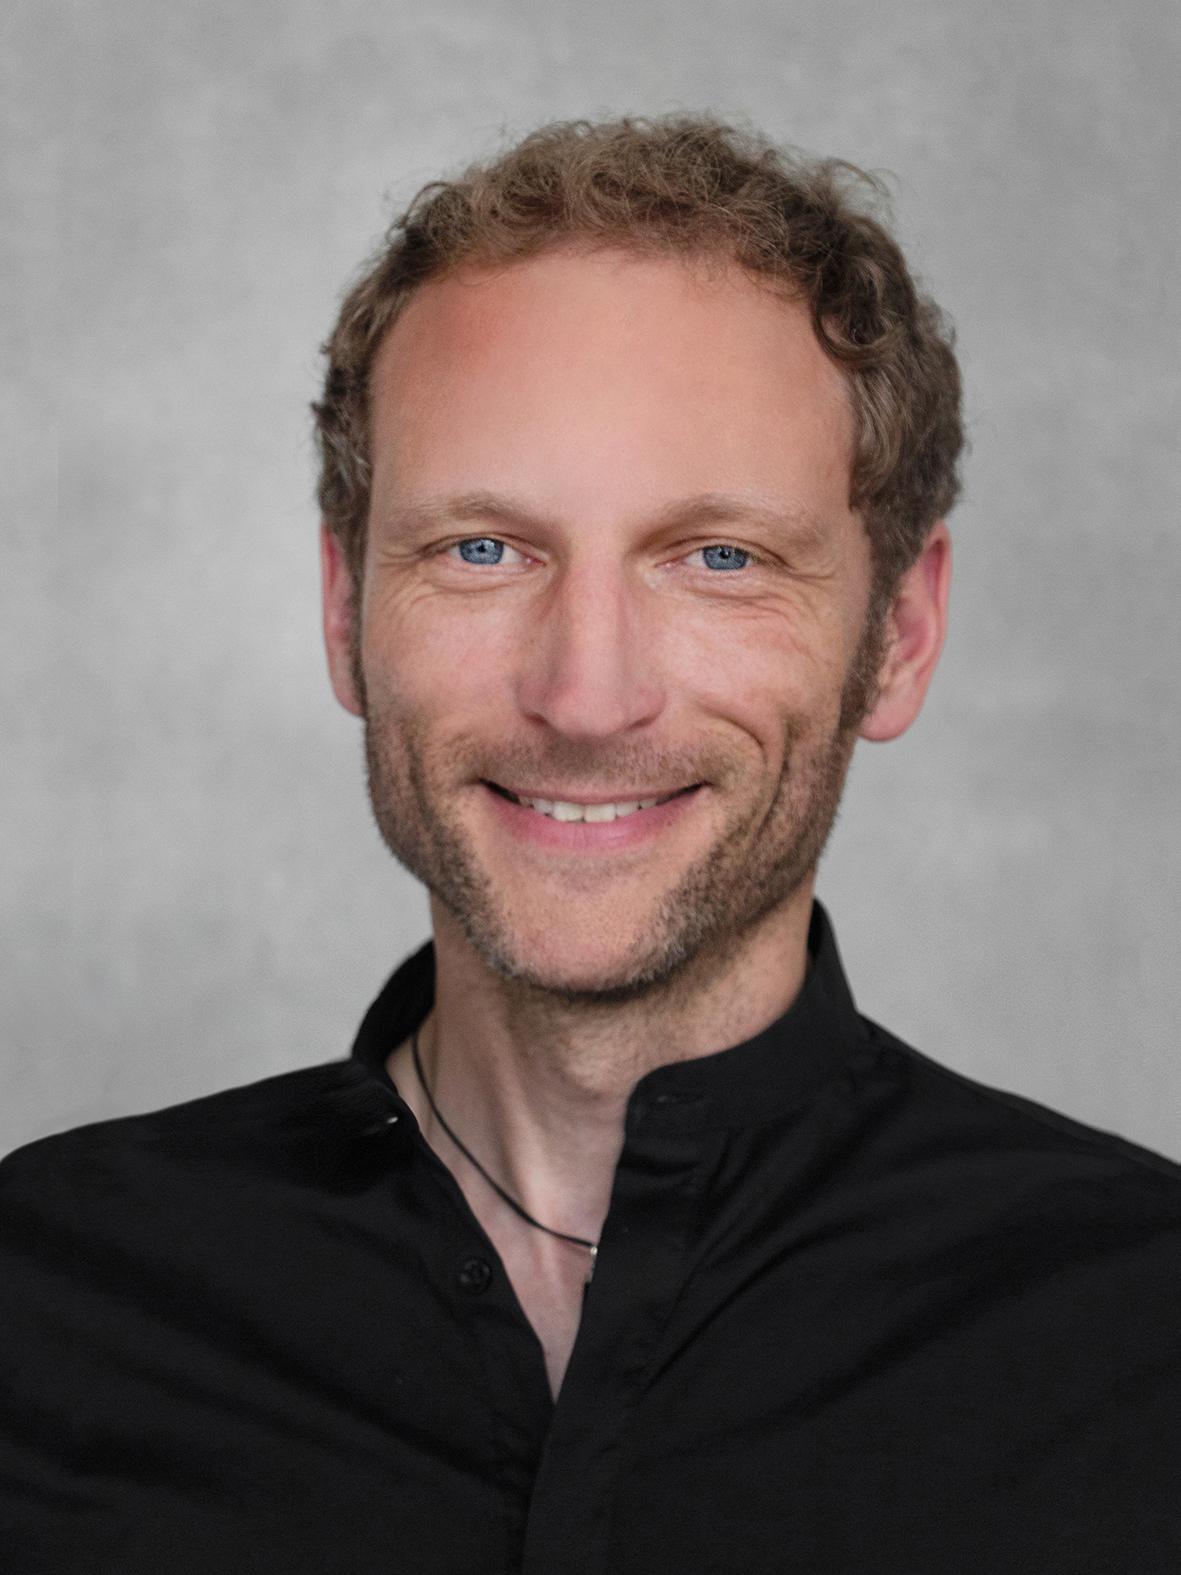 Ein Bild von Mike Schneider, Gründer von Sennrich und Schneider